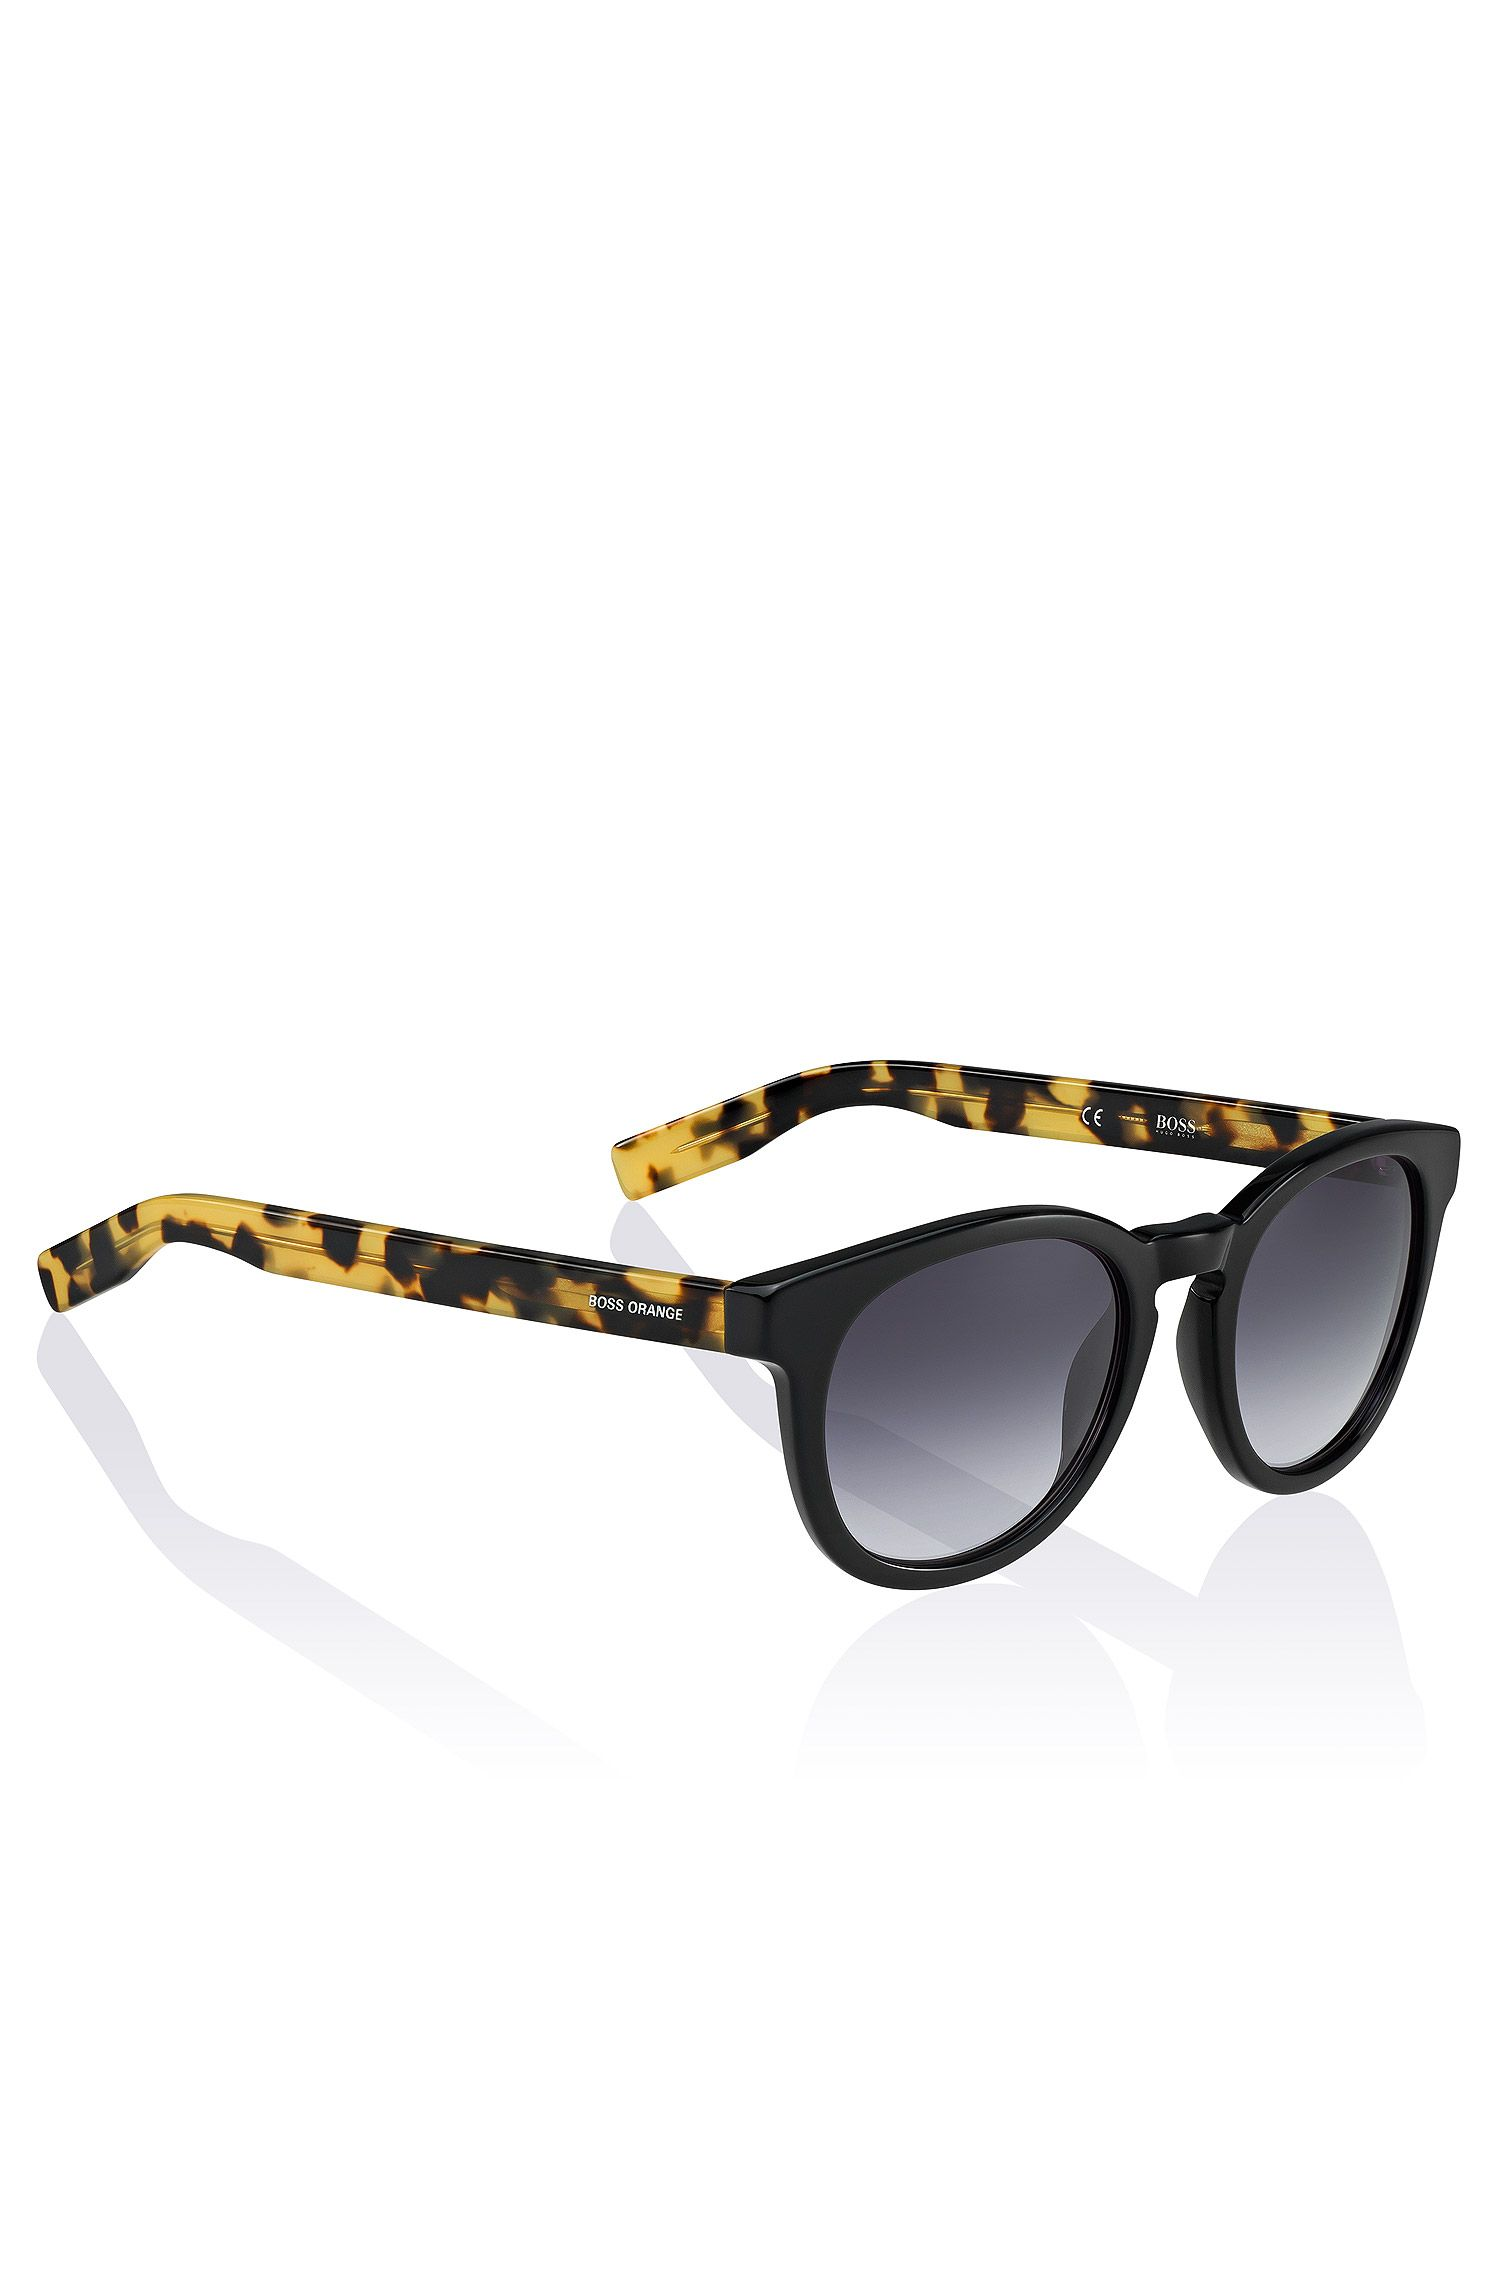 Sonnenbrille ´BO 0194`